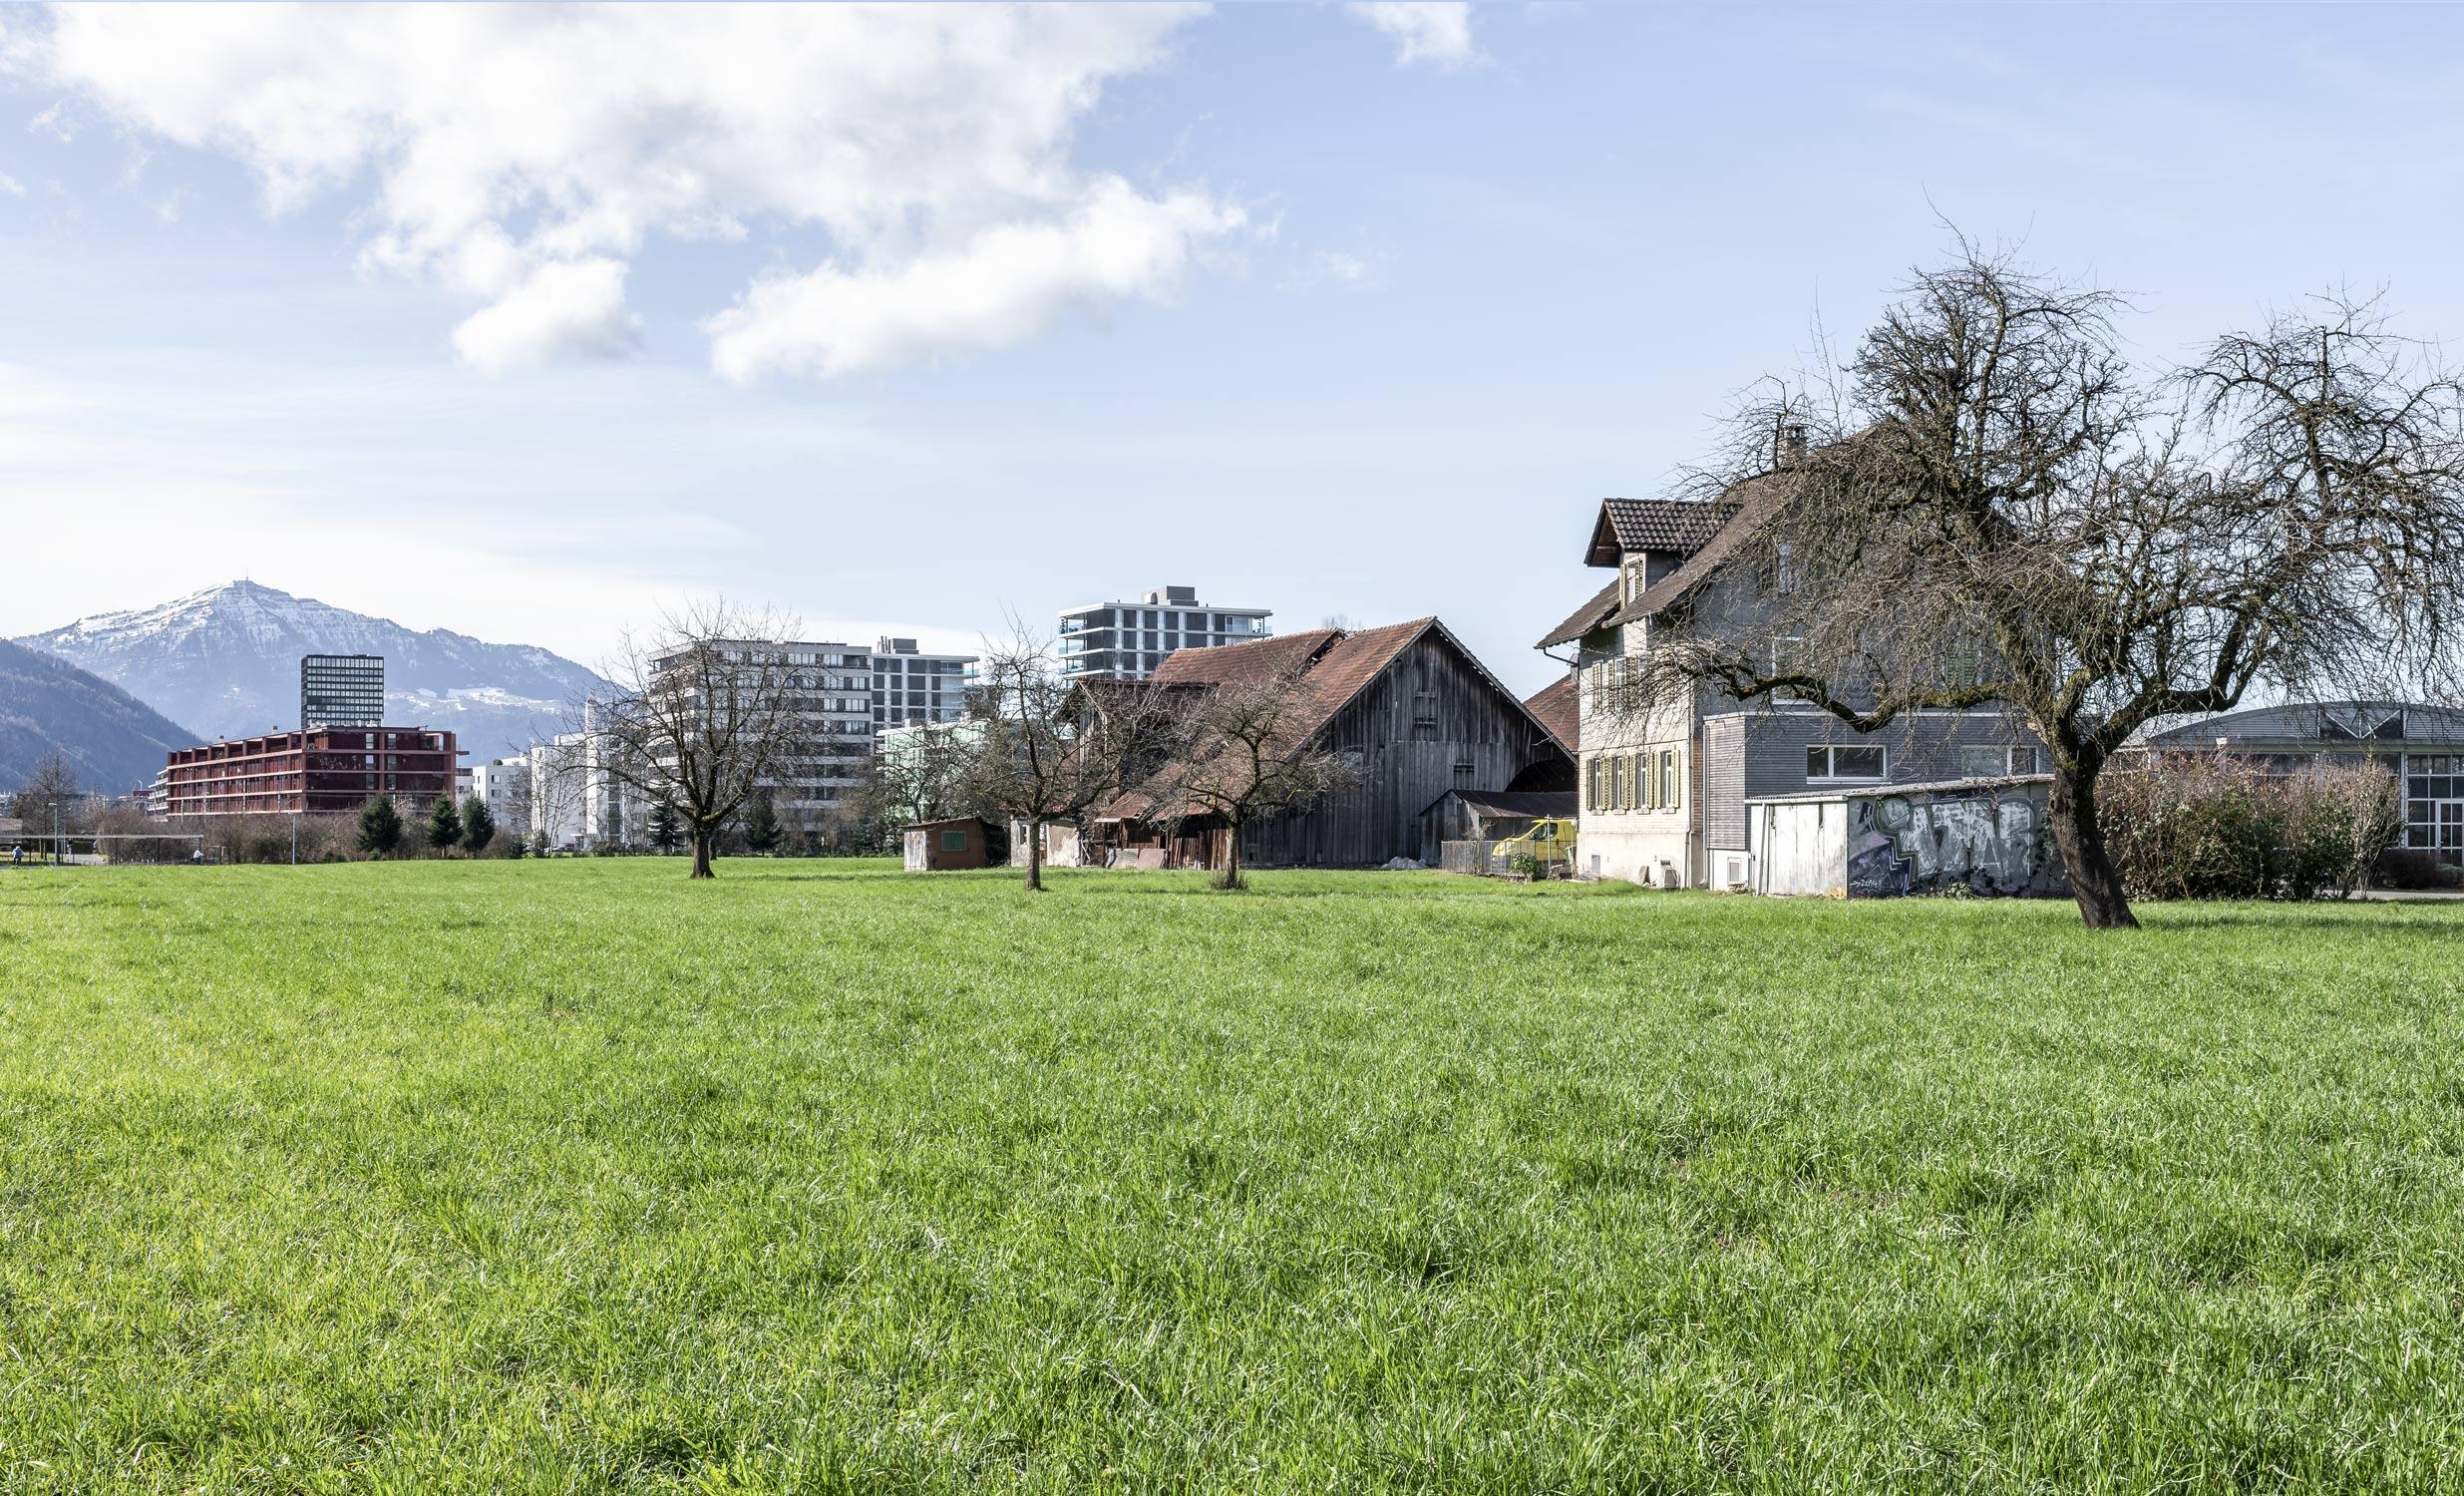 Wiese Unterfeld mit Häusern der Stadt Zug fotografiert von Regine Giesecke